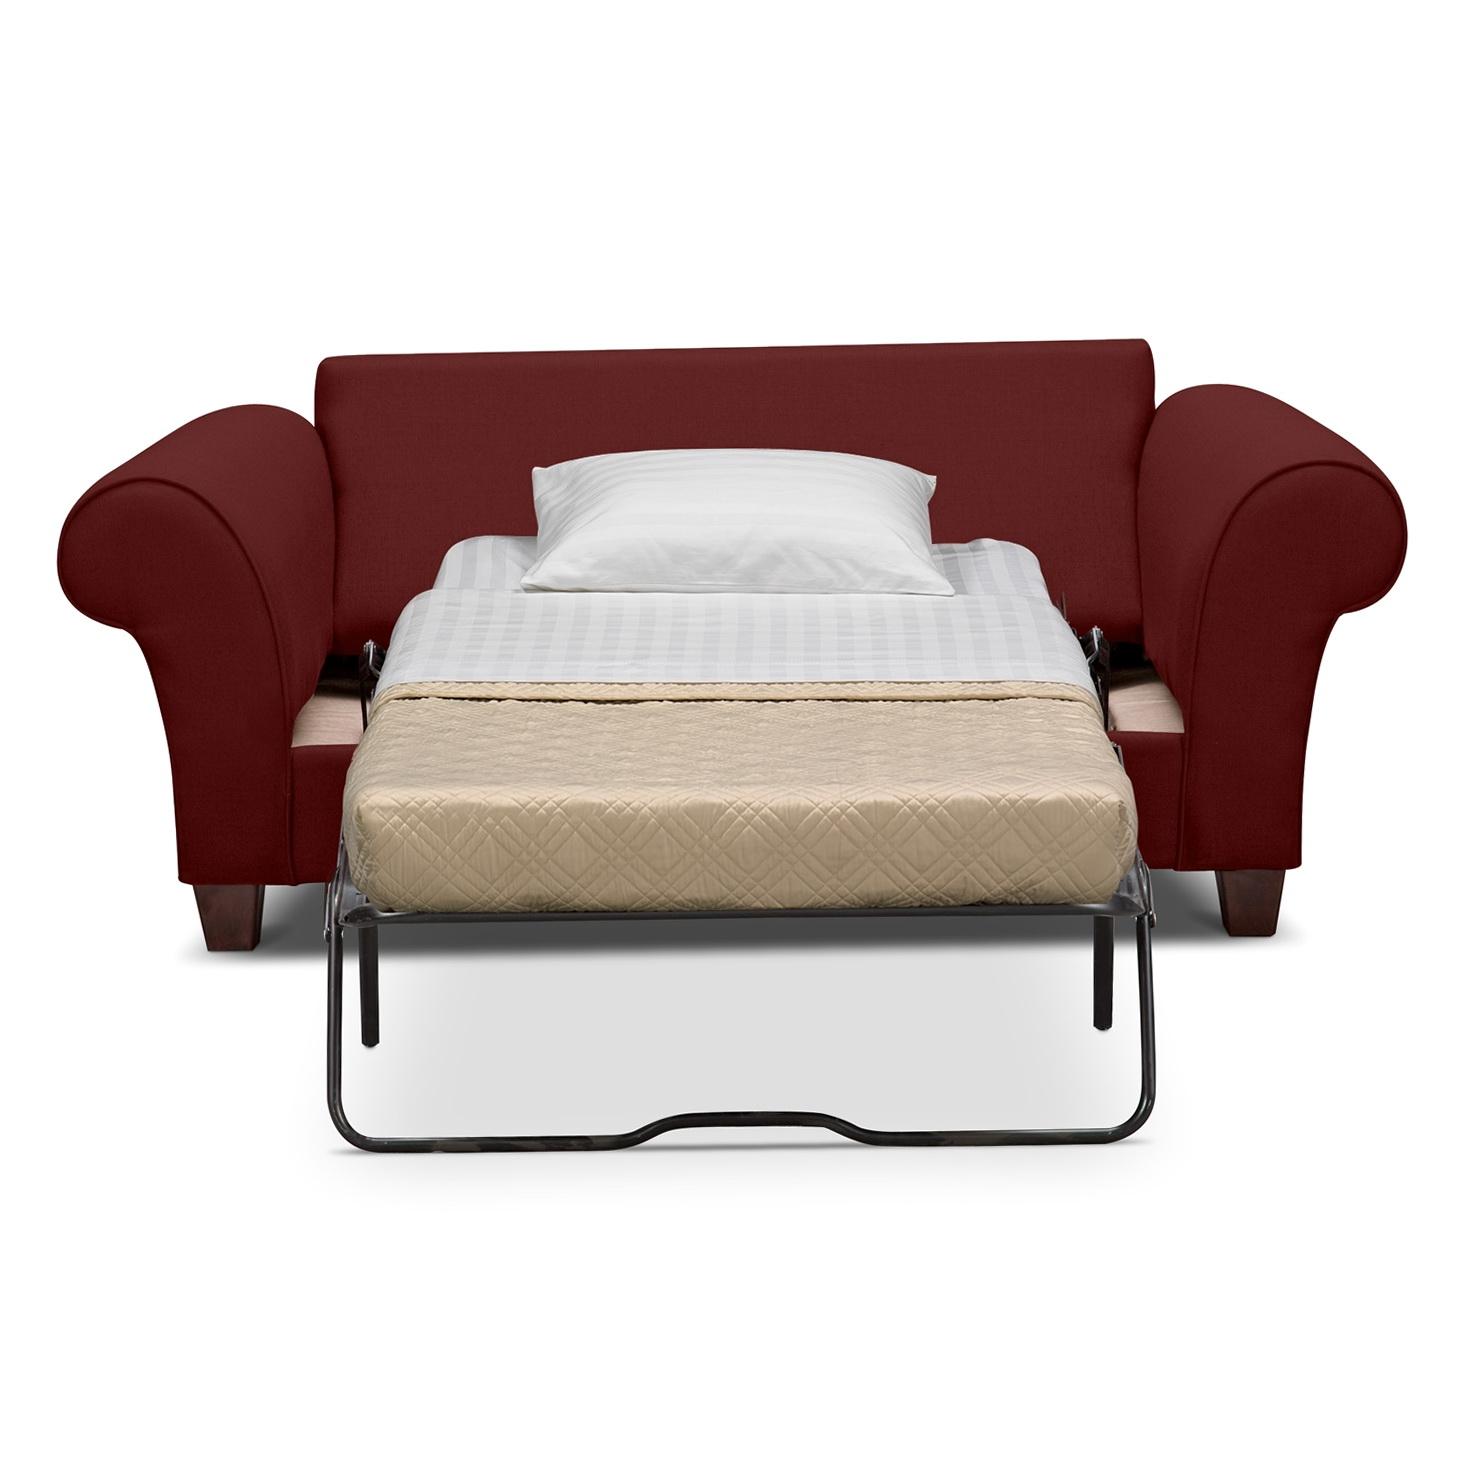 Twin Sleeper Sofa Bed